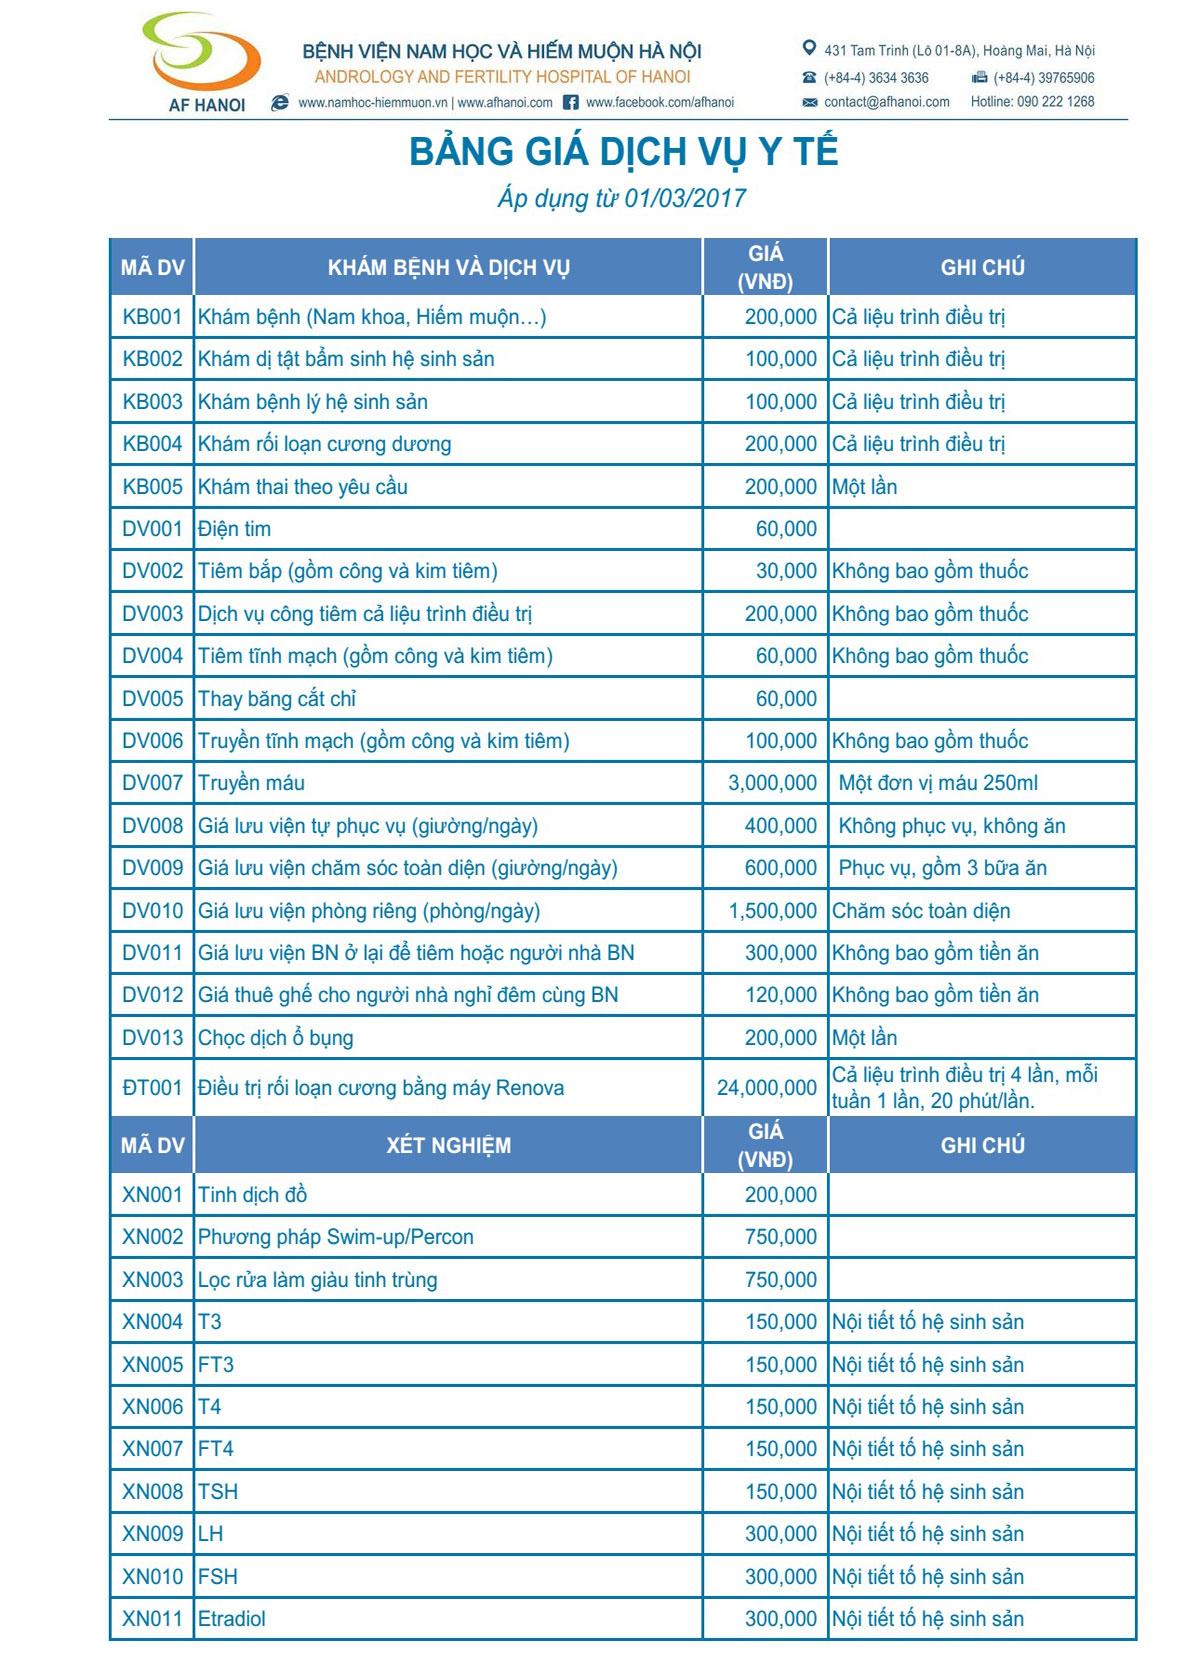 Bảng giá dịch vụ Bệnh viện nam khoa và hiếm muộn Hà Nội